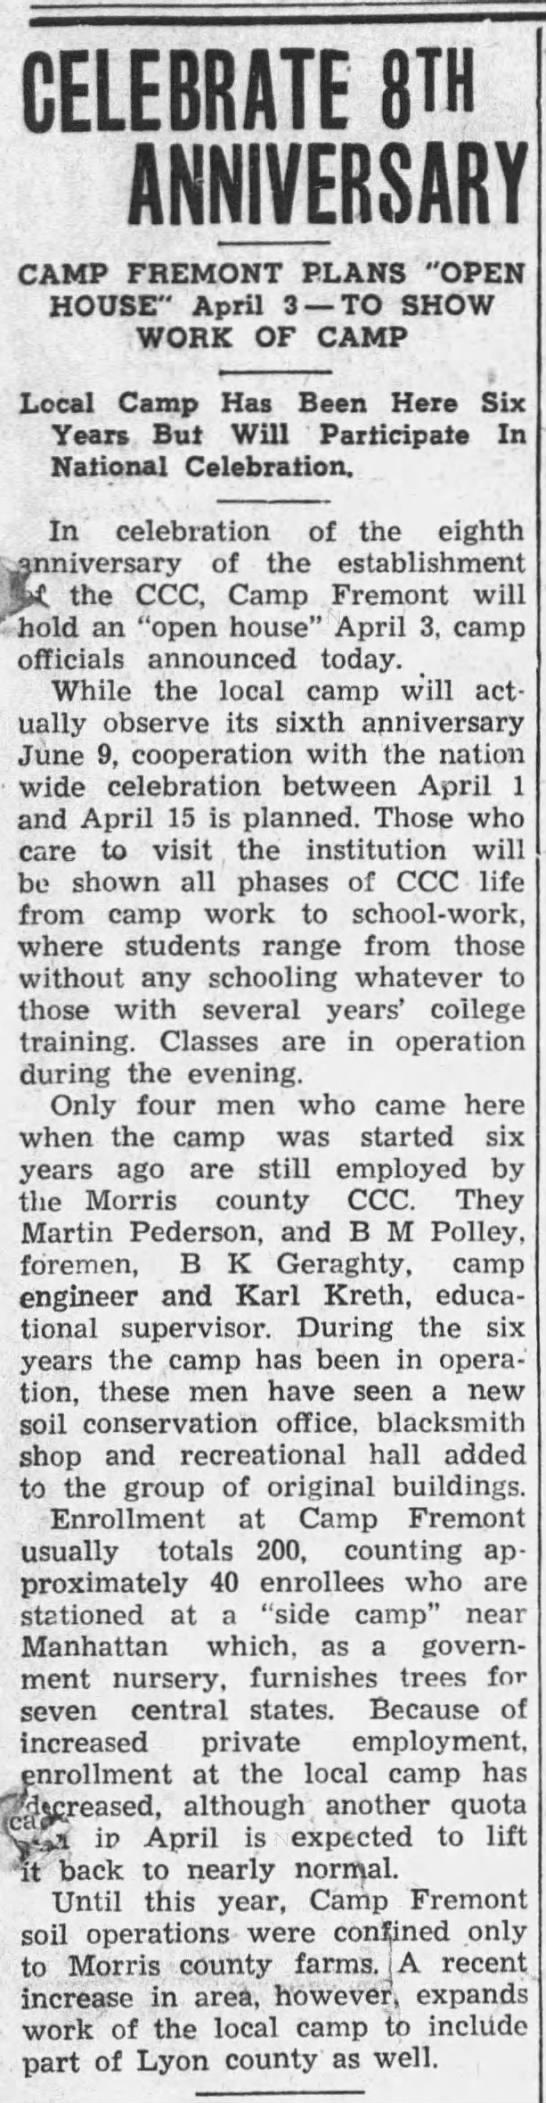 1941.03.31_council_grove_republican_p1_6th_anniv_fremont_8th_anniv_ccc -